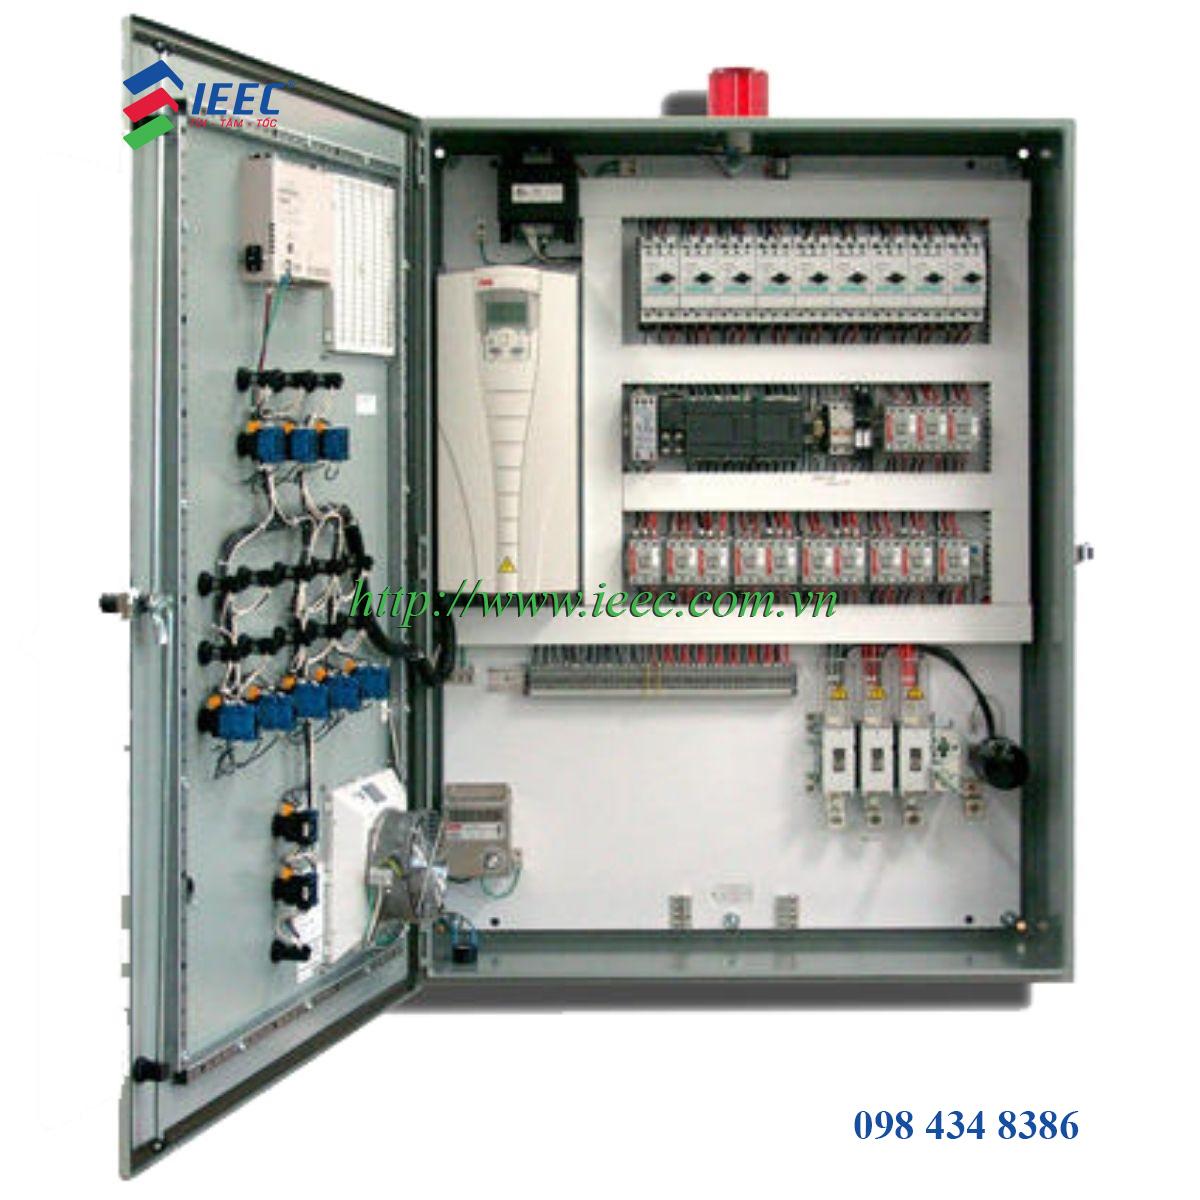 Cấu tạo của tủ điều khiển PLC